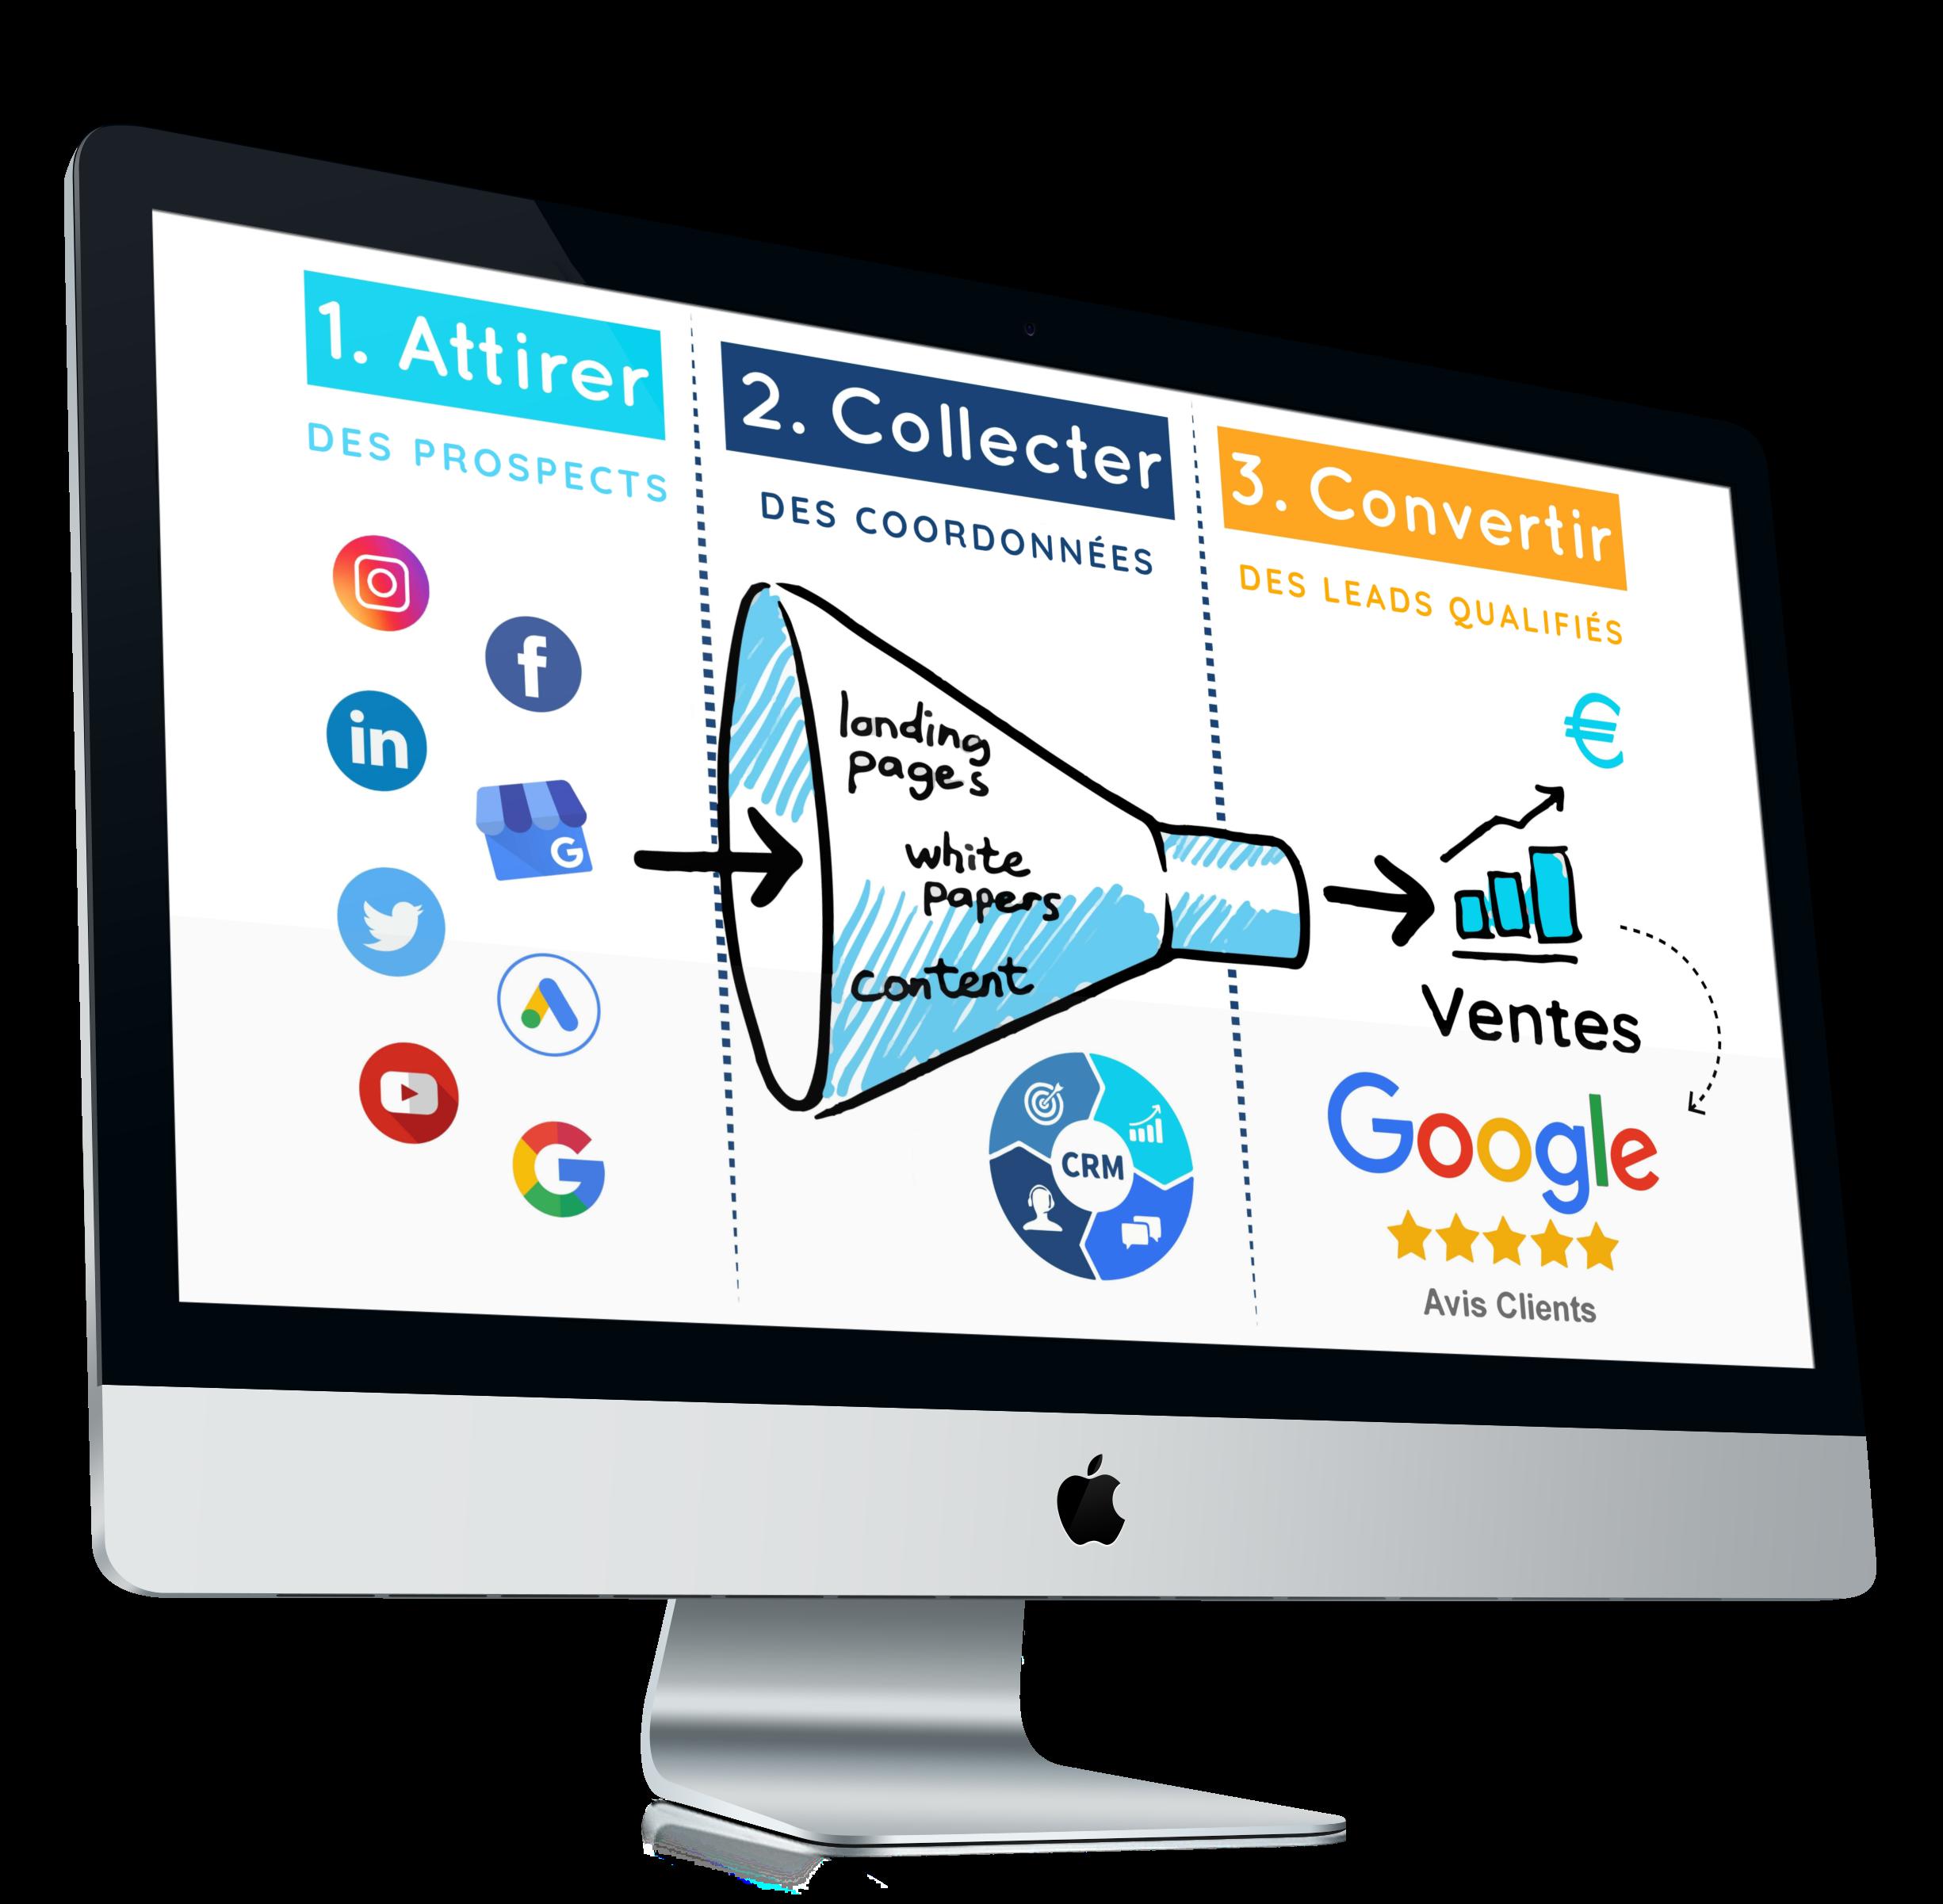 Système d'acquisition de leads qualifiés grâce à la publicité google facebook et youtube - Stratégie de l'agence publicitaire Digiwave spécialisée en acquisition client